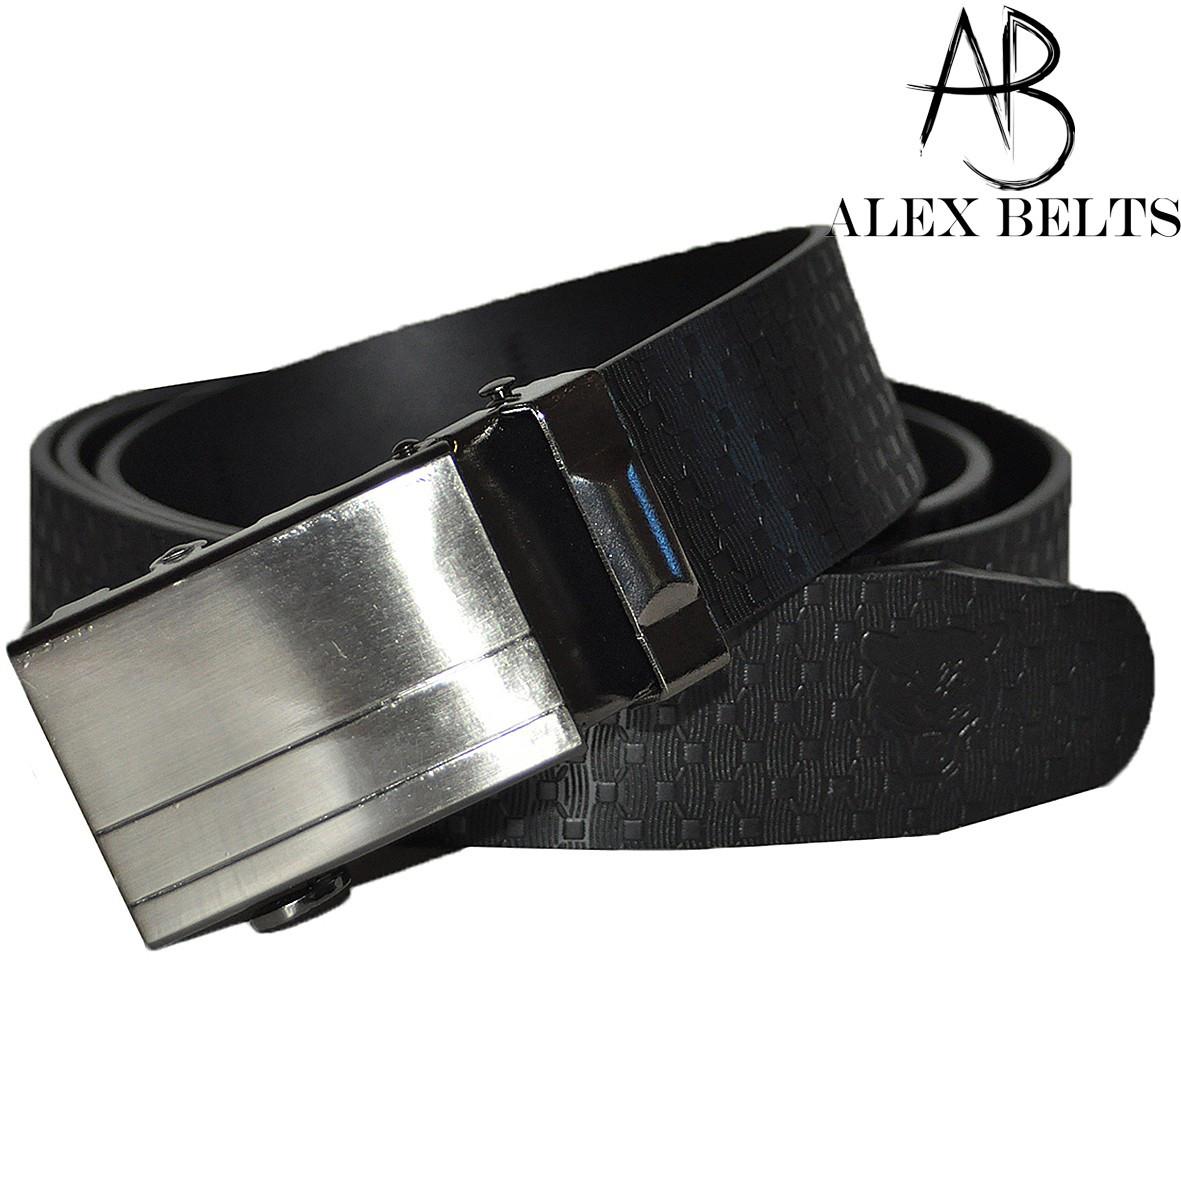 Ремень мужской брючный (черный) пряжка автомат металл заменитель 35 мм - купить оптом в Одессе